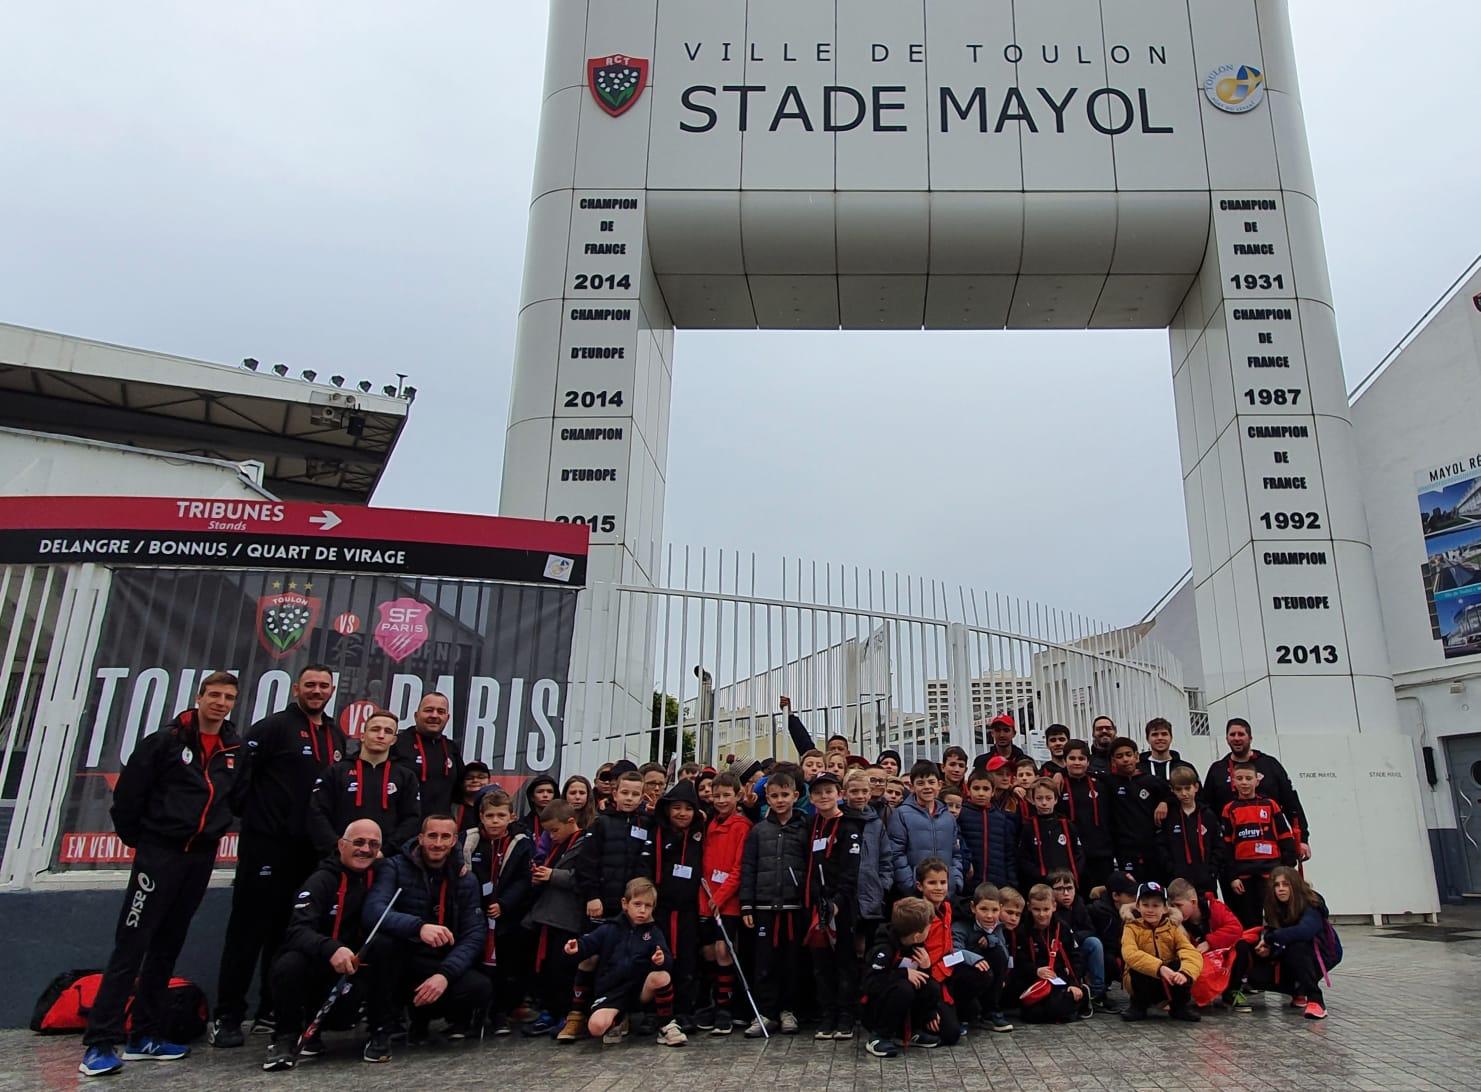 photo-de-groupe-aux-portes-du-stade-mayol